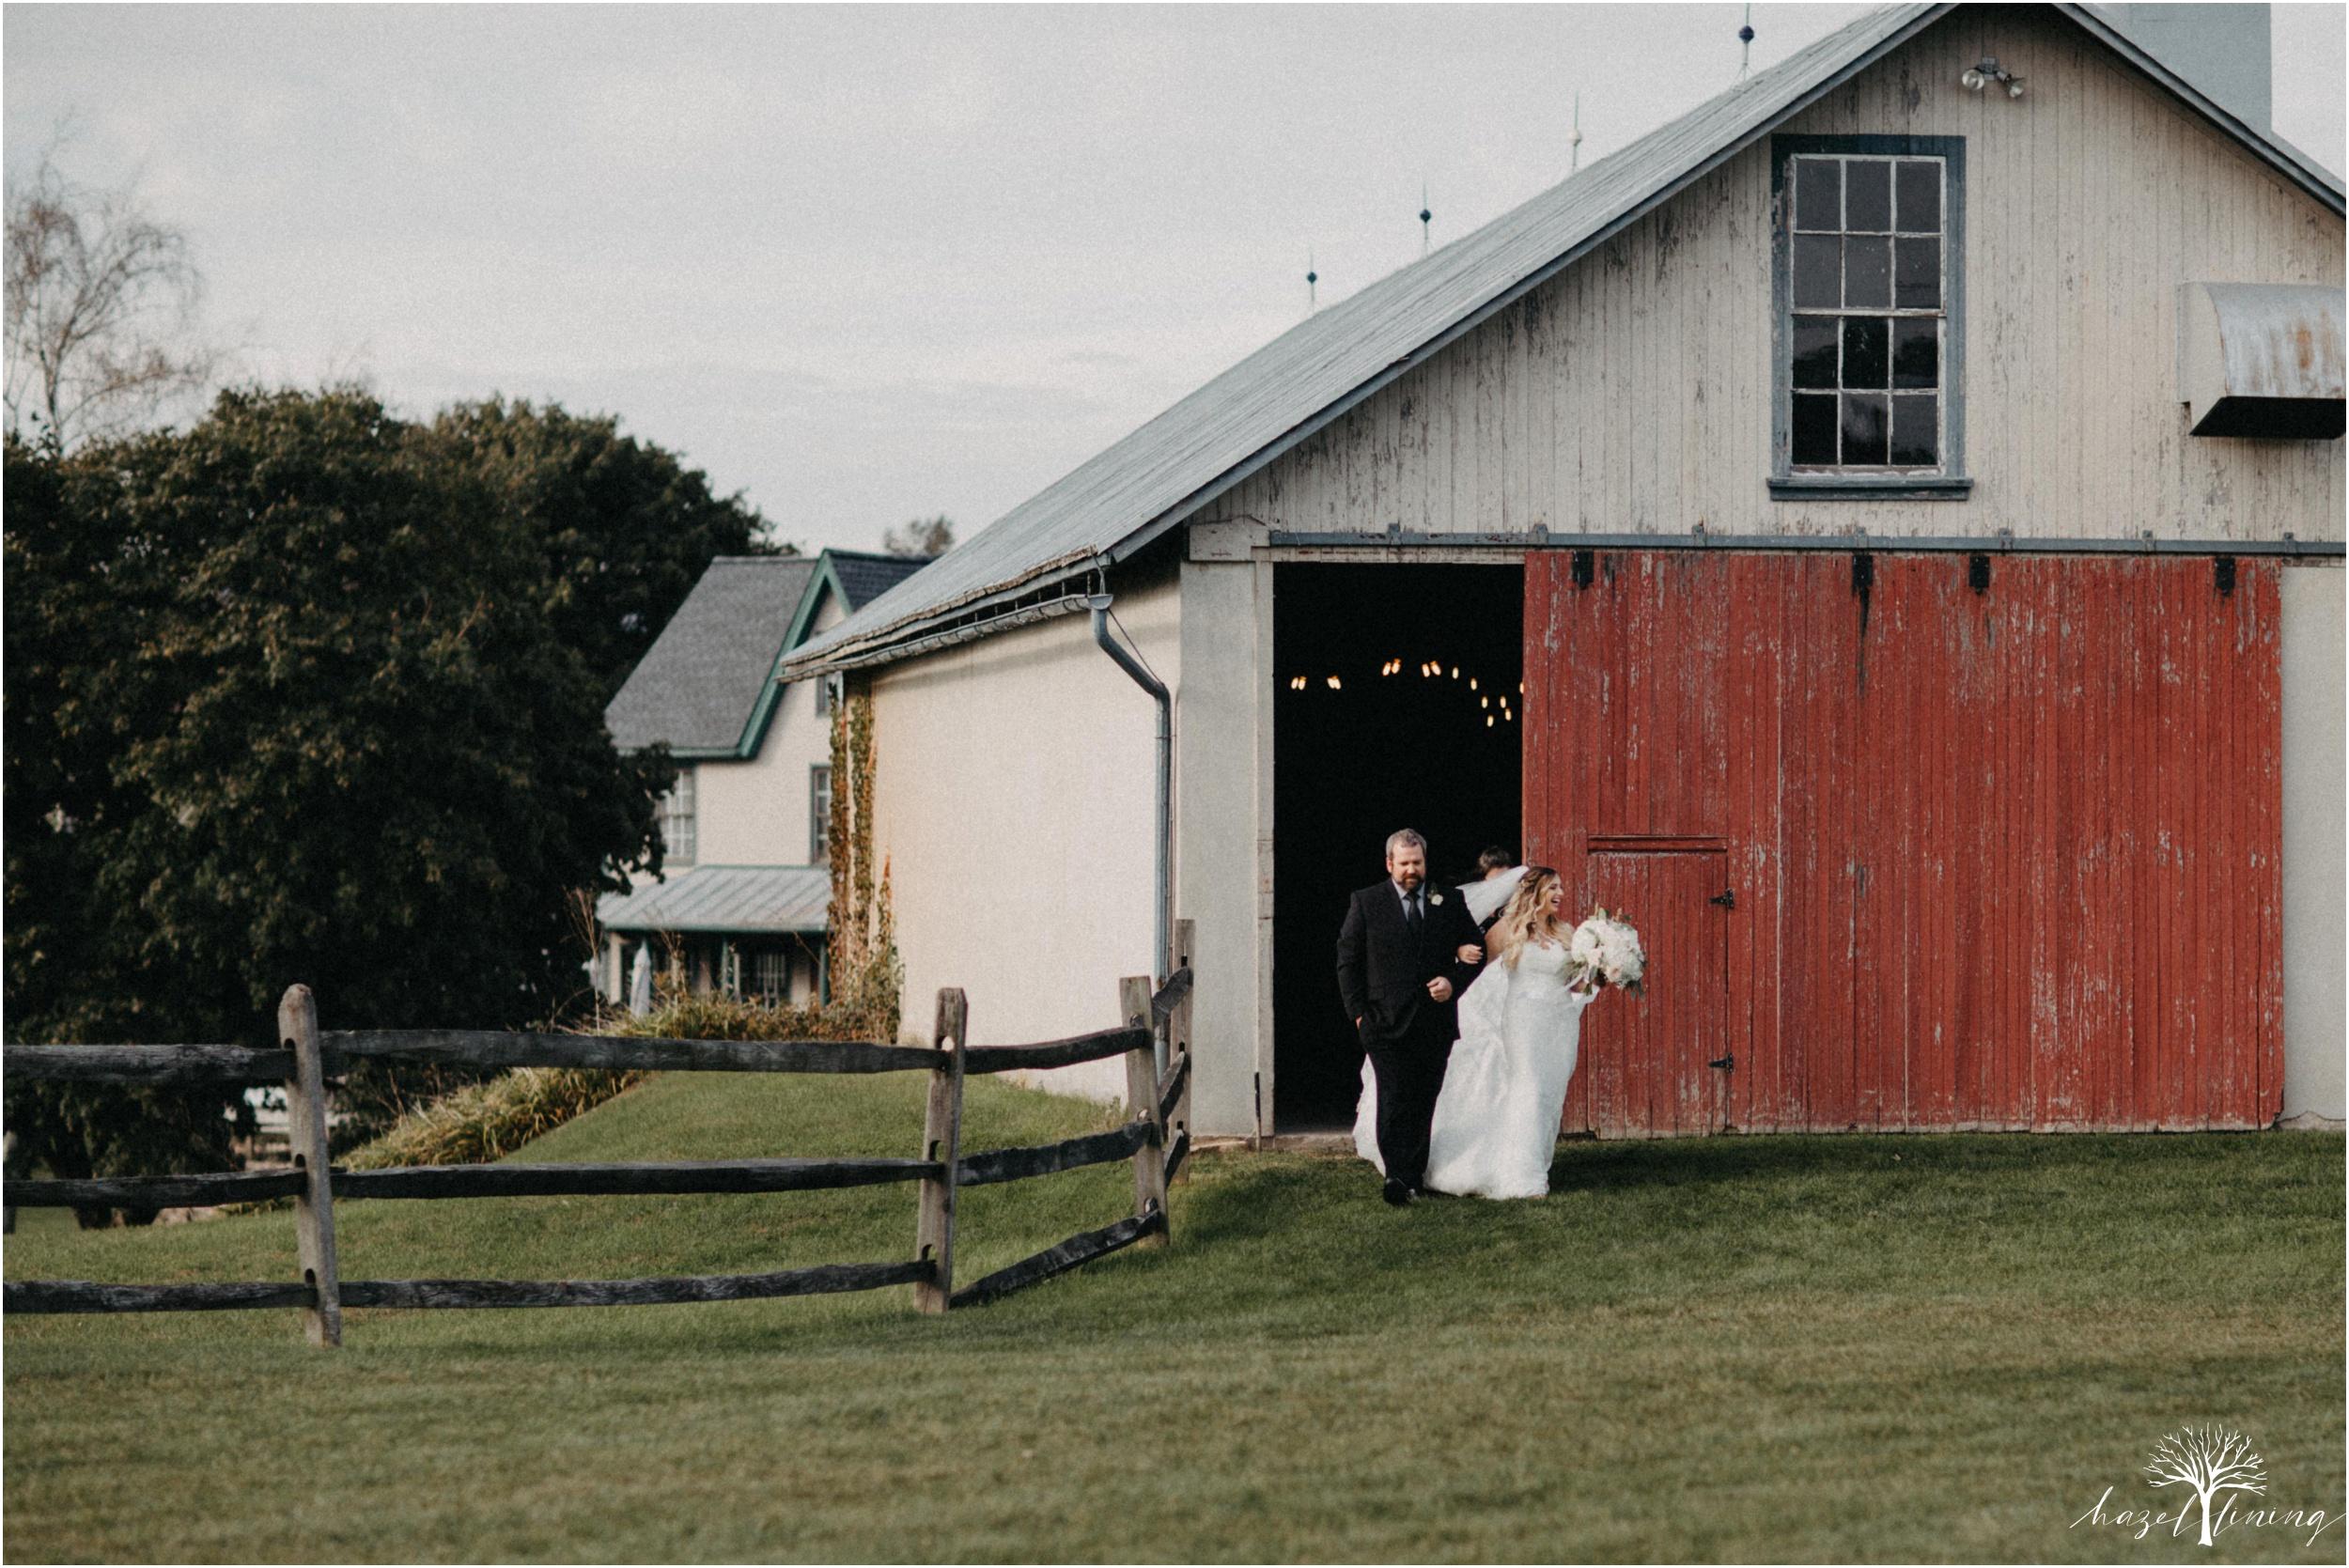 jessie-martin-zach-umlauf-olde-homestead-golfclub-outdoor-autumn-wedding_0096.jpg